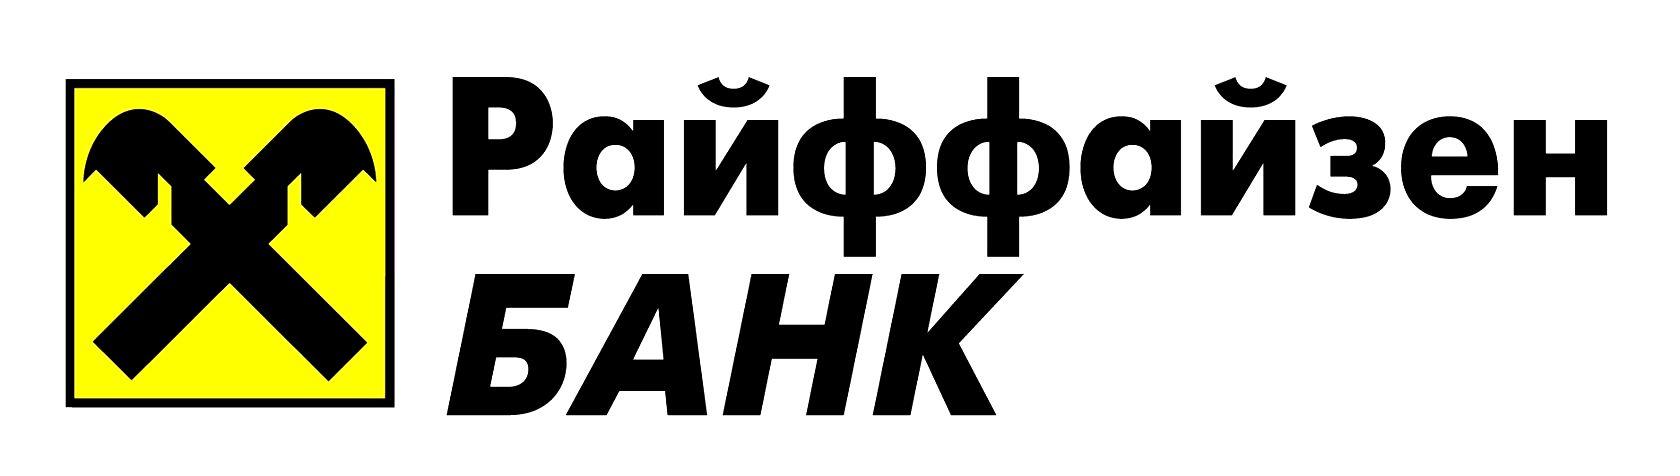 взять кредит наличными без справок о доходе по паспорту в москве с плохой кредитной историей